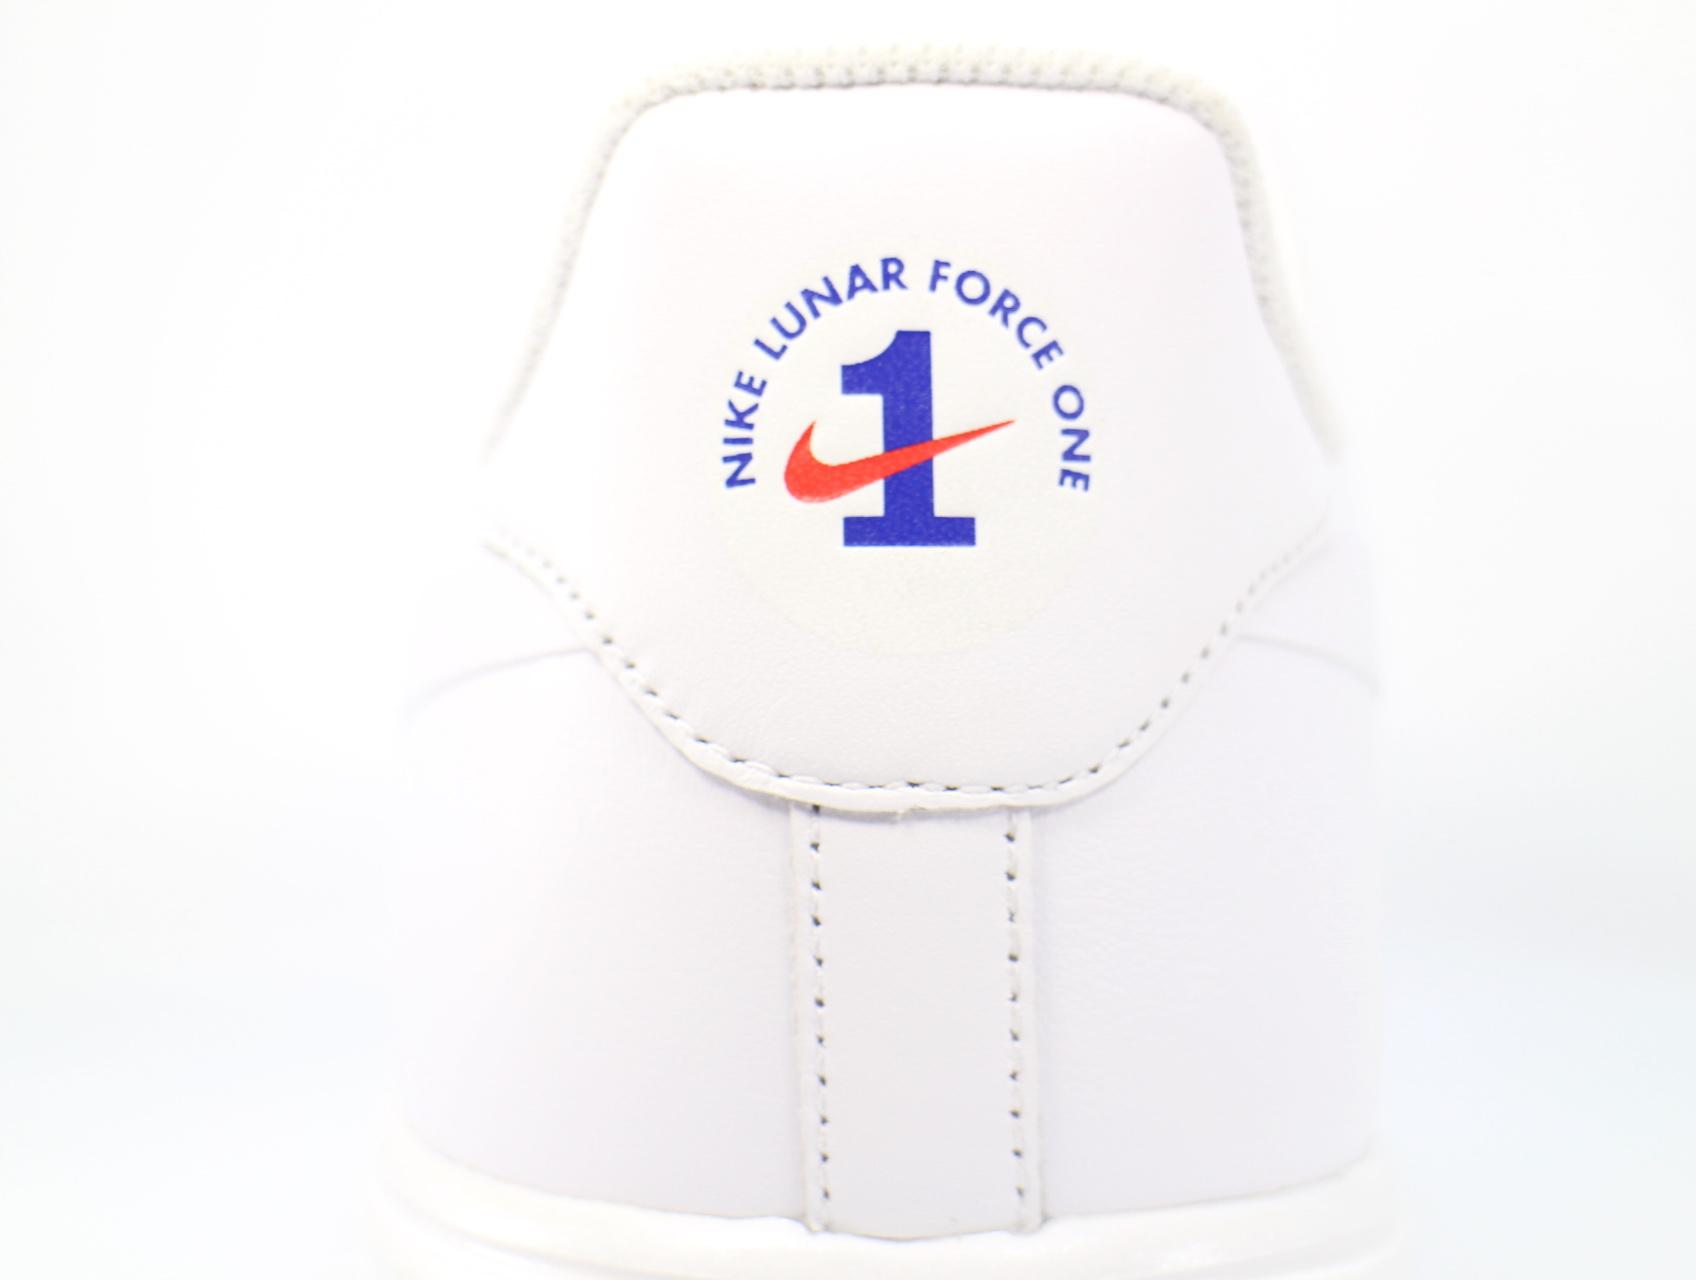 LUNAR FORCE 1 FUSE LTHRの商品画像-6